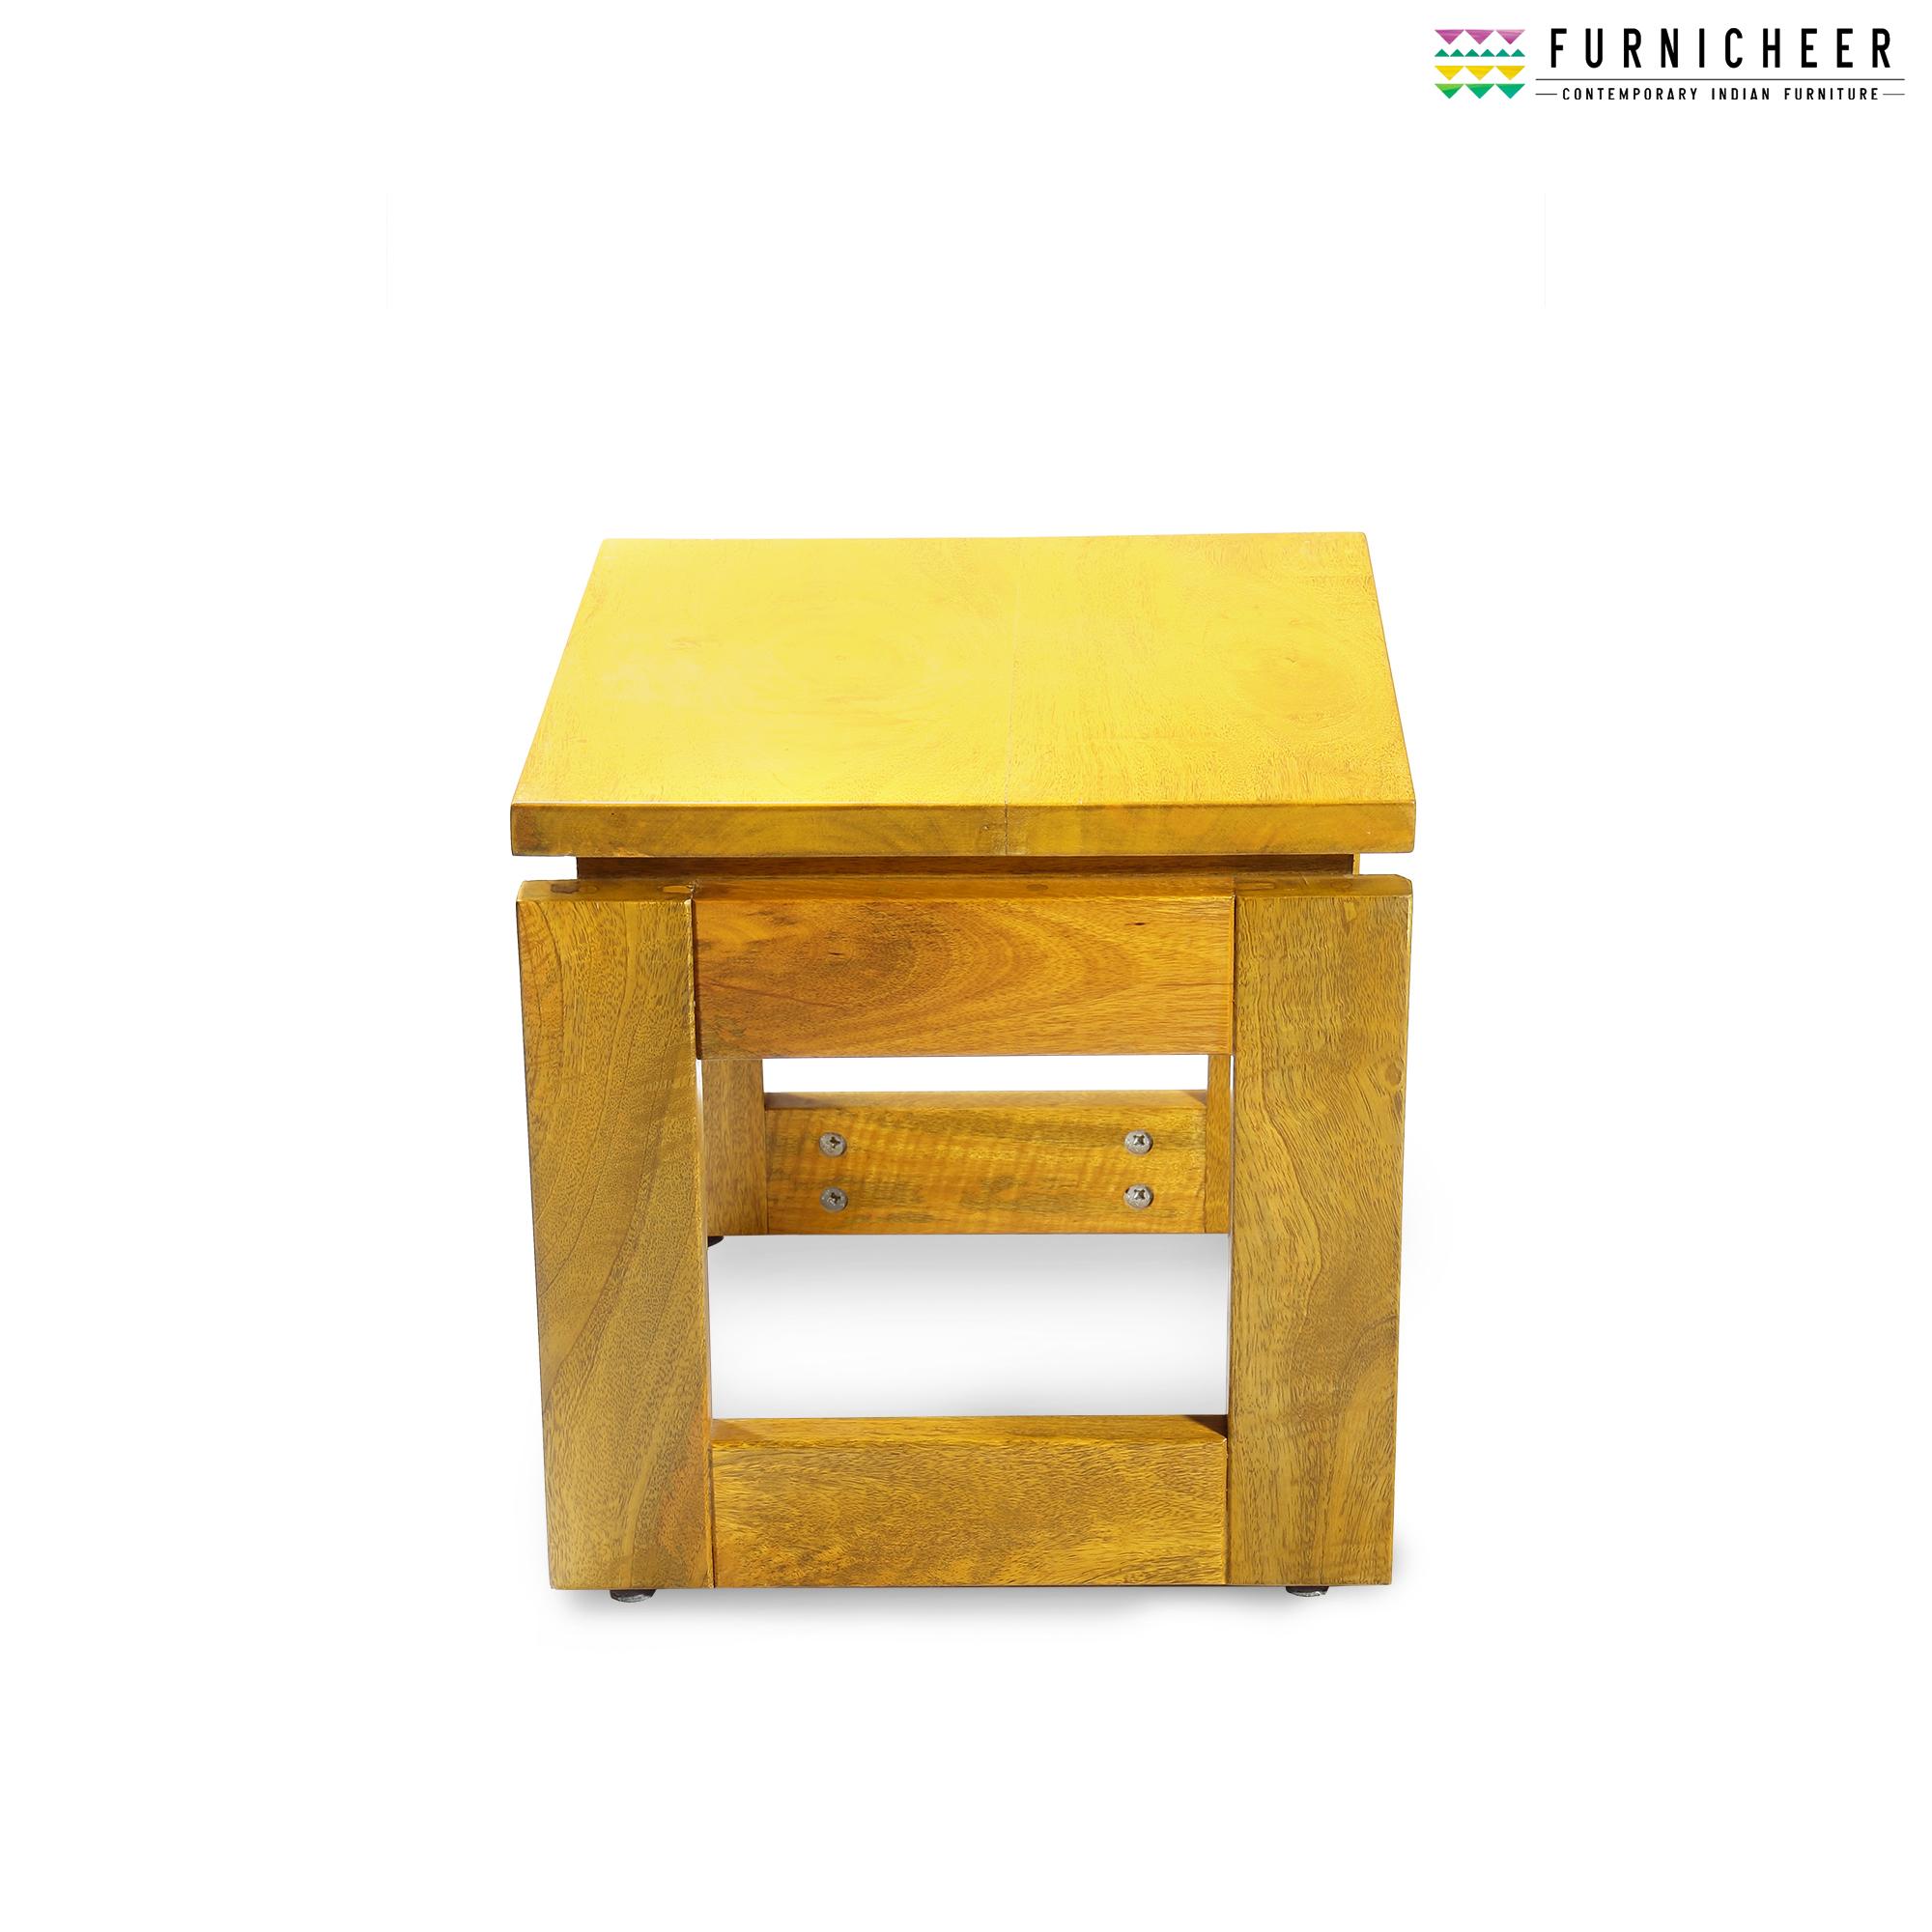 4.SIDE & END TABLE SKU TBYL7373